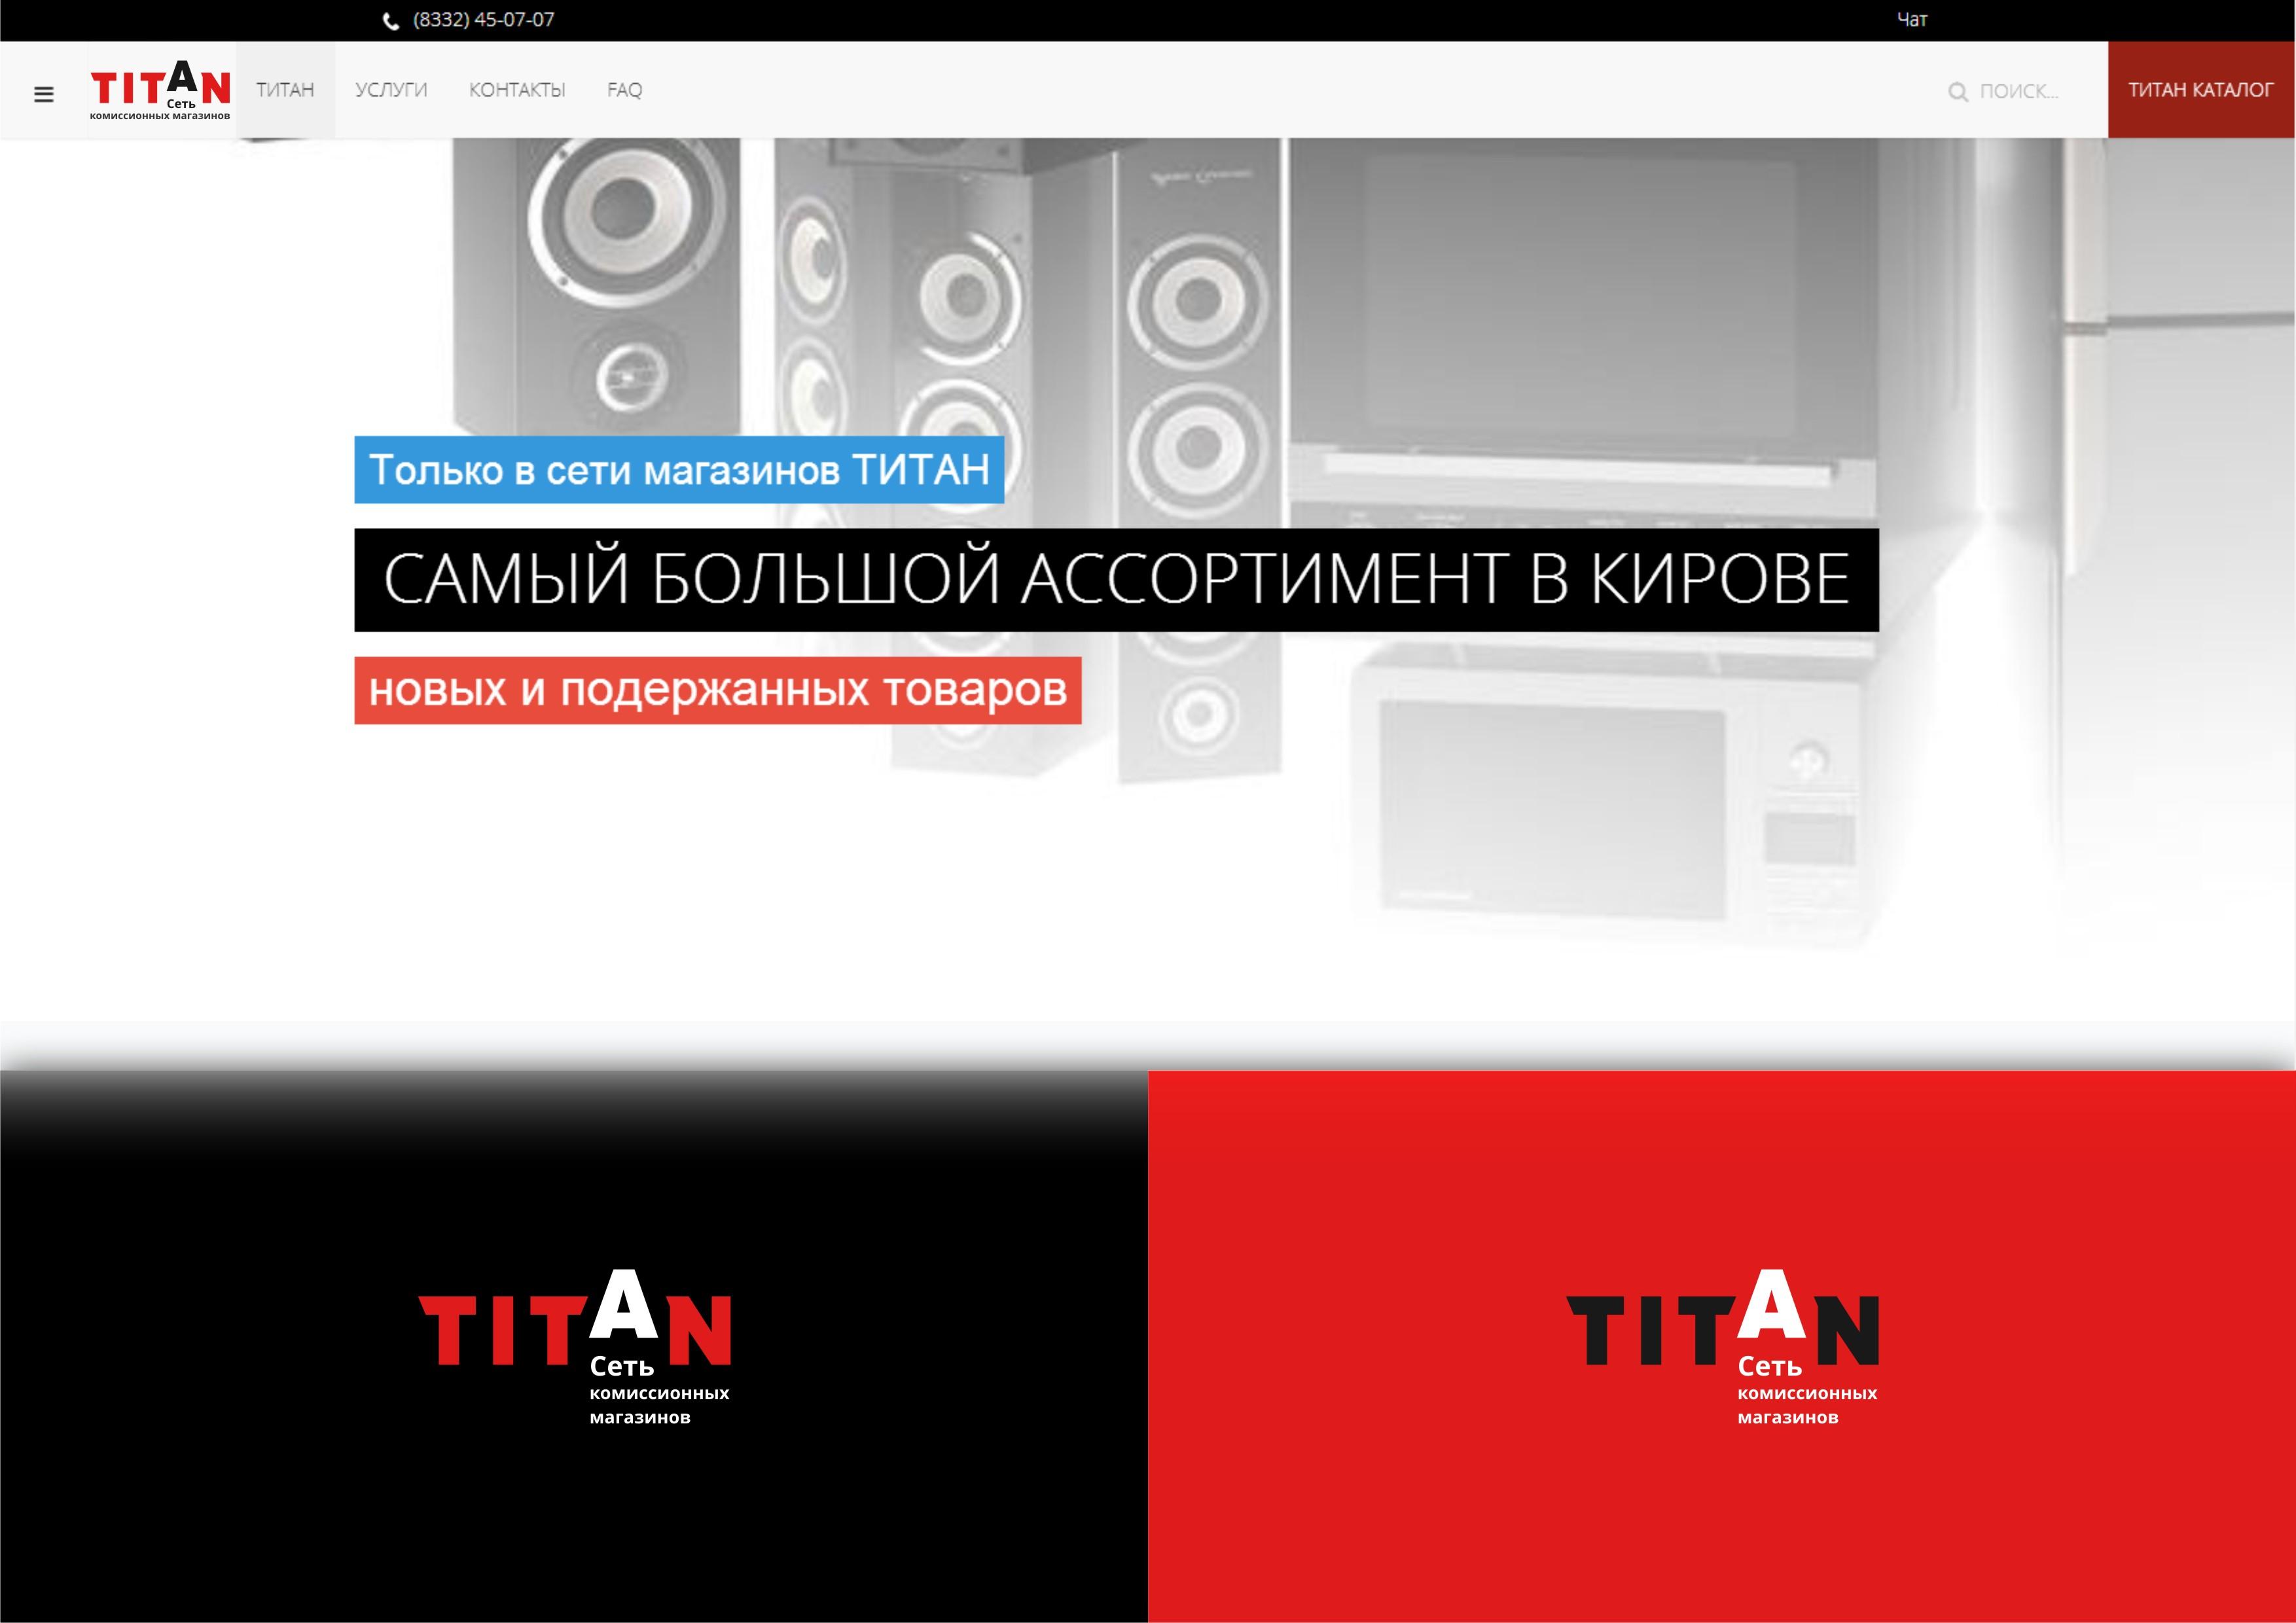 Разработка логотипа (срочно) фото f_1195d4bf6ec09740.jpg